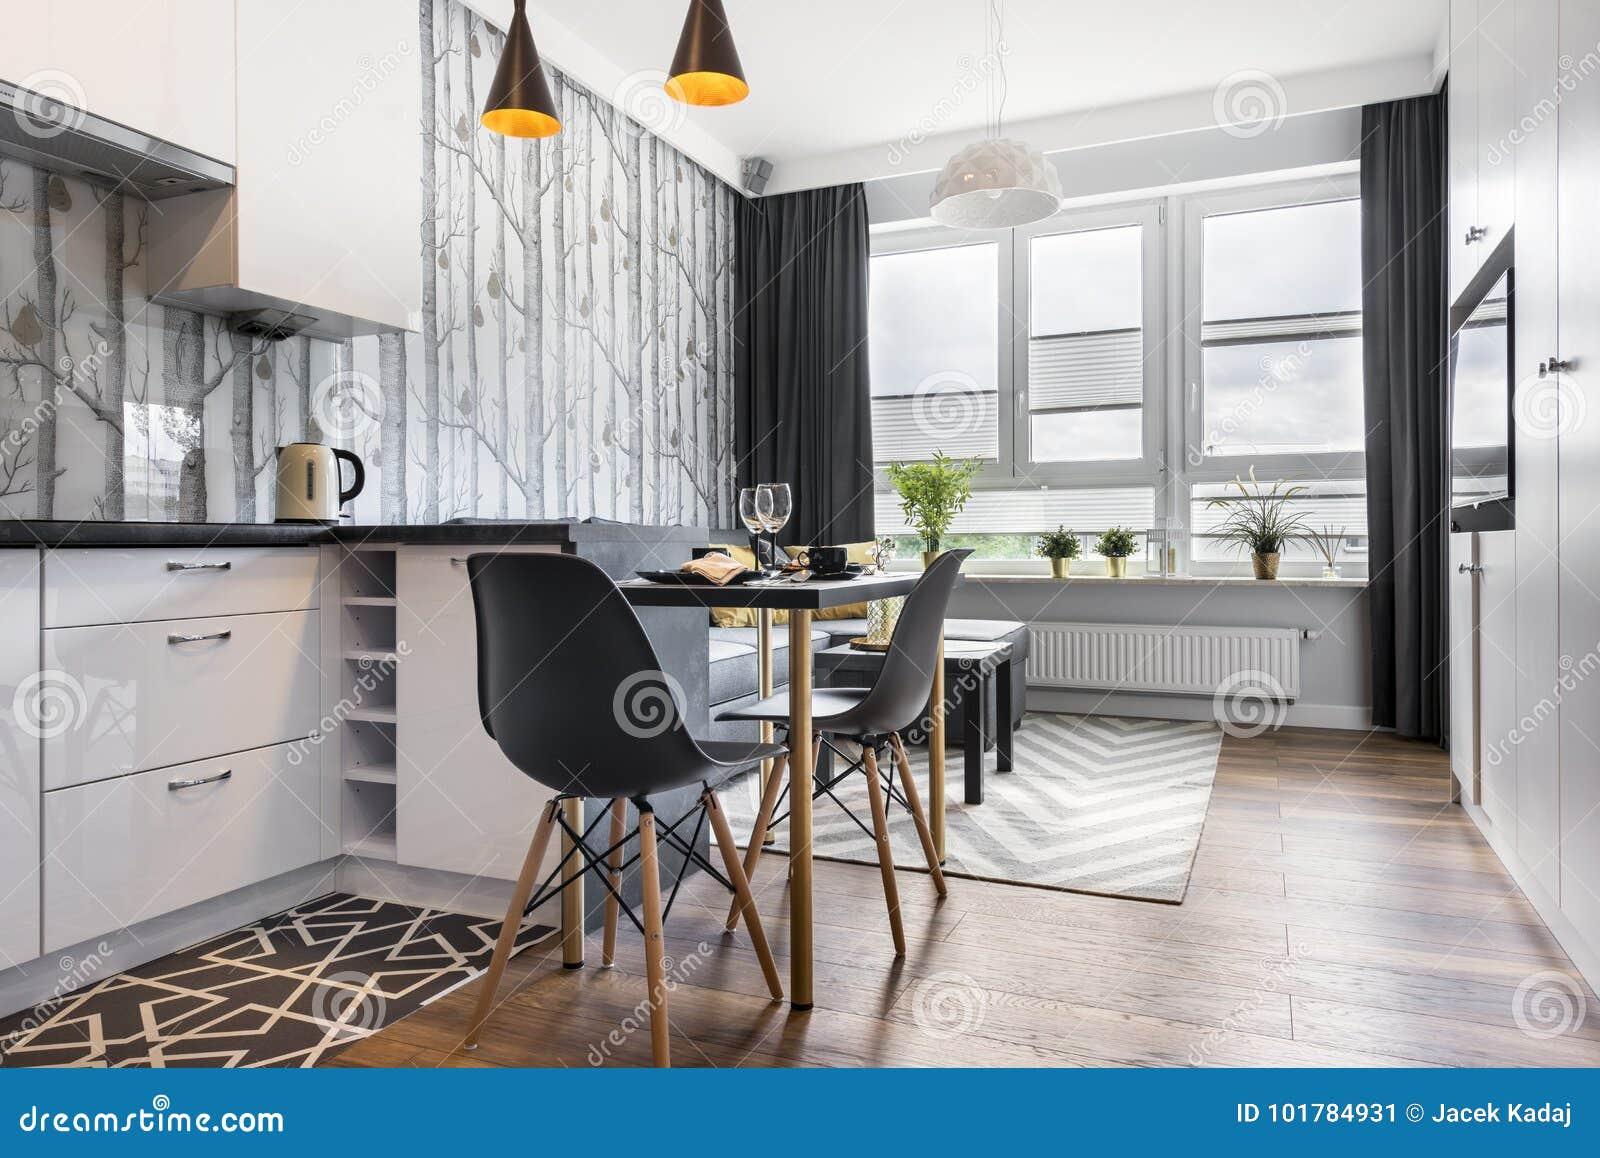 Keuken Kleine Ruimte : Kleine keuken tips en voorbeelden satink zwolle